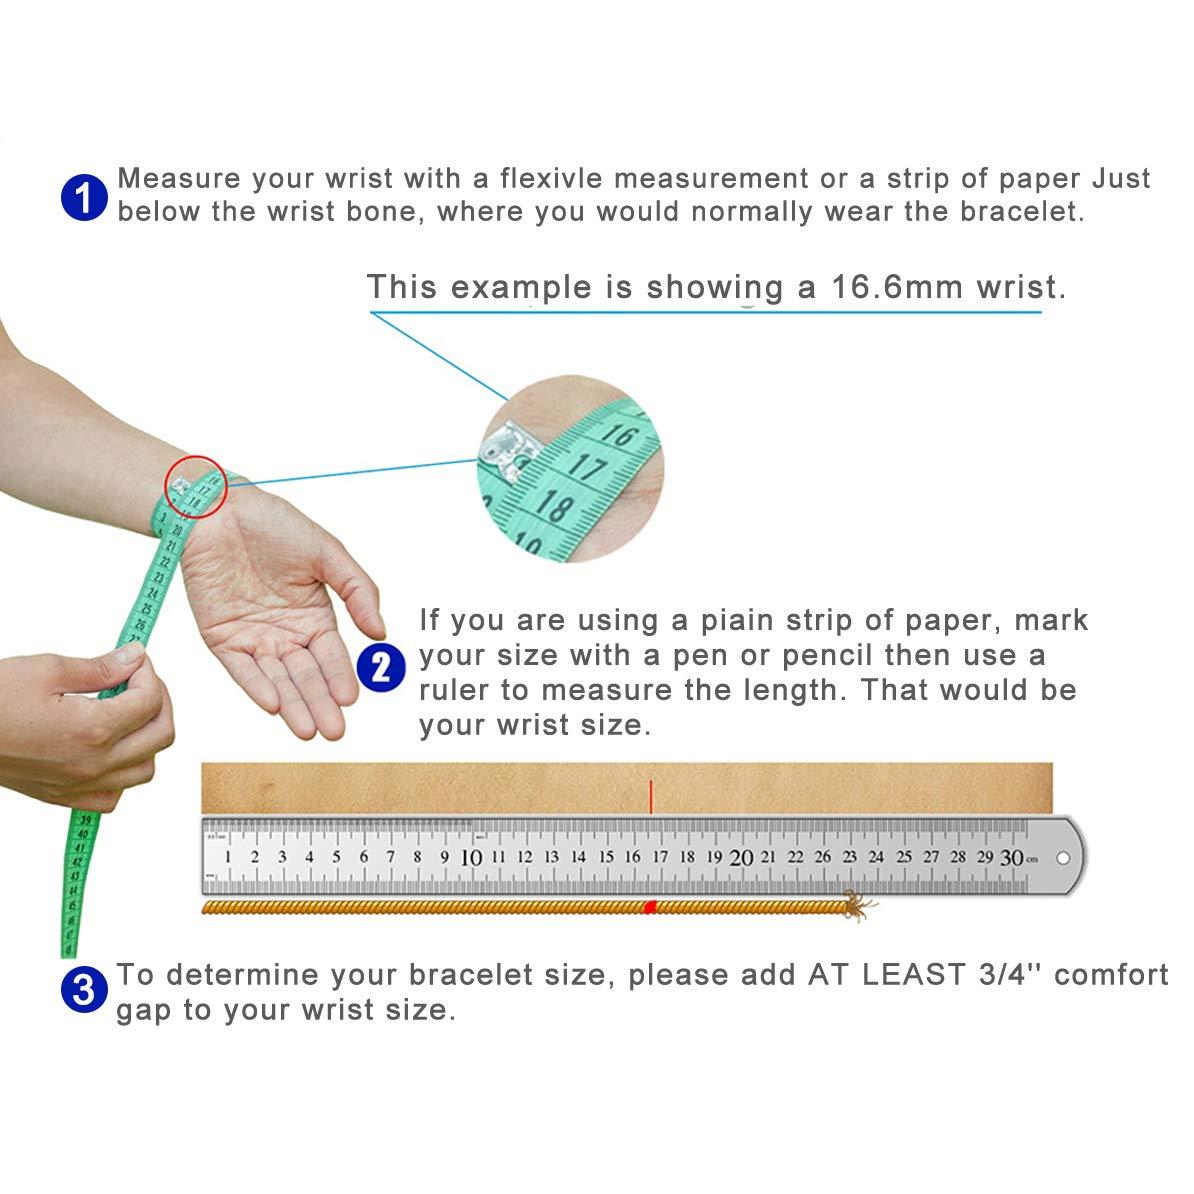 Divoti Custom Engraved Medical Alert Bracelets for Women, Stainless Steel Medical Bracelet, Medical ID Bracelet w/Free Engraving - Lovely Filigree Tag w/Heart Link -White-6.5'' by Divoti (Image #4)